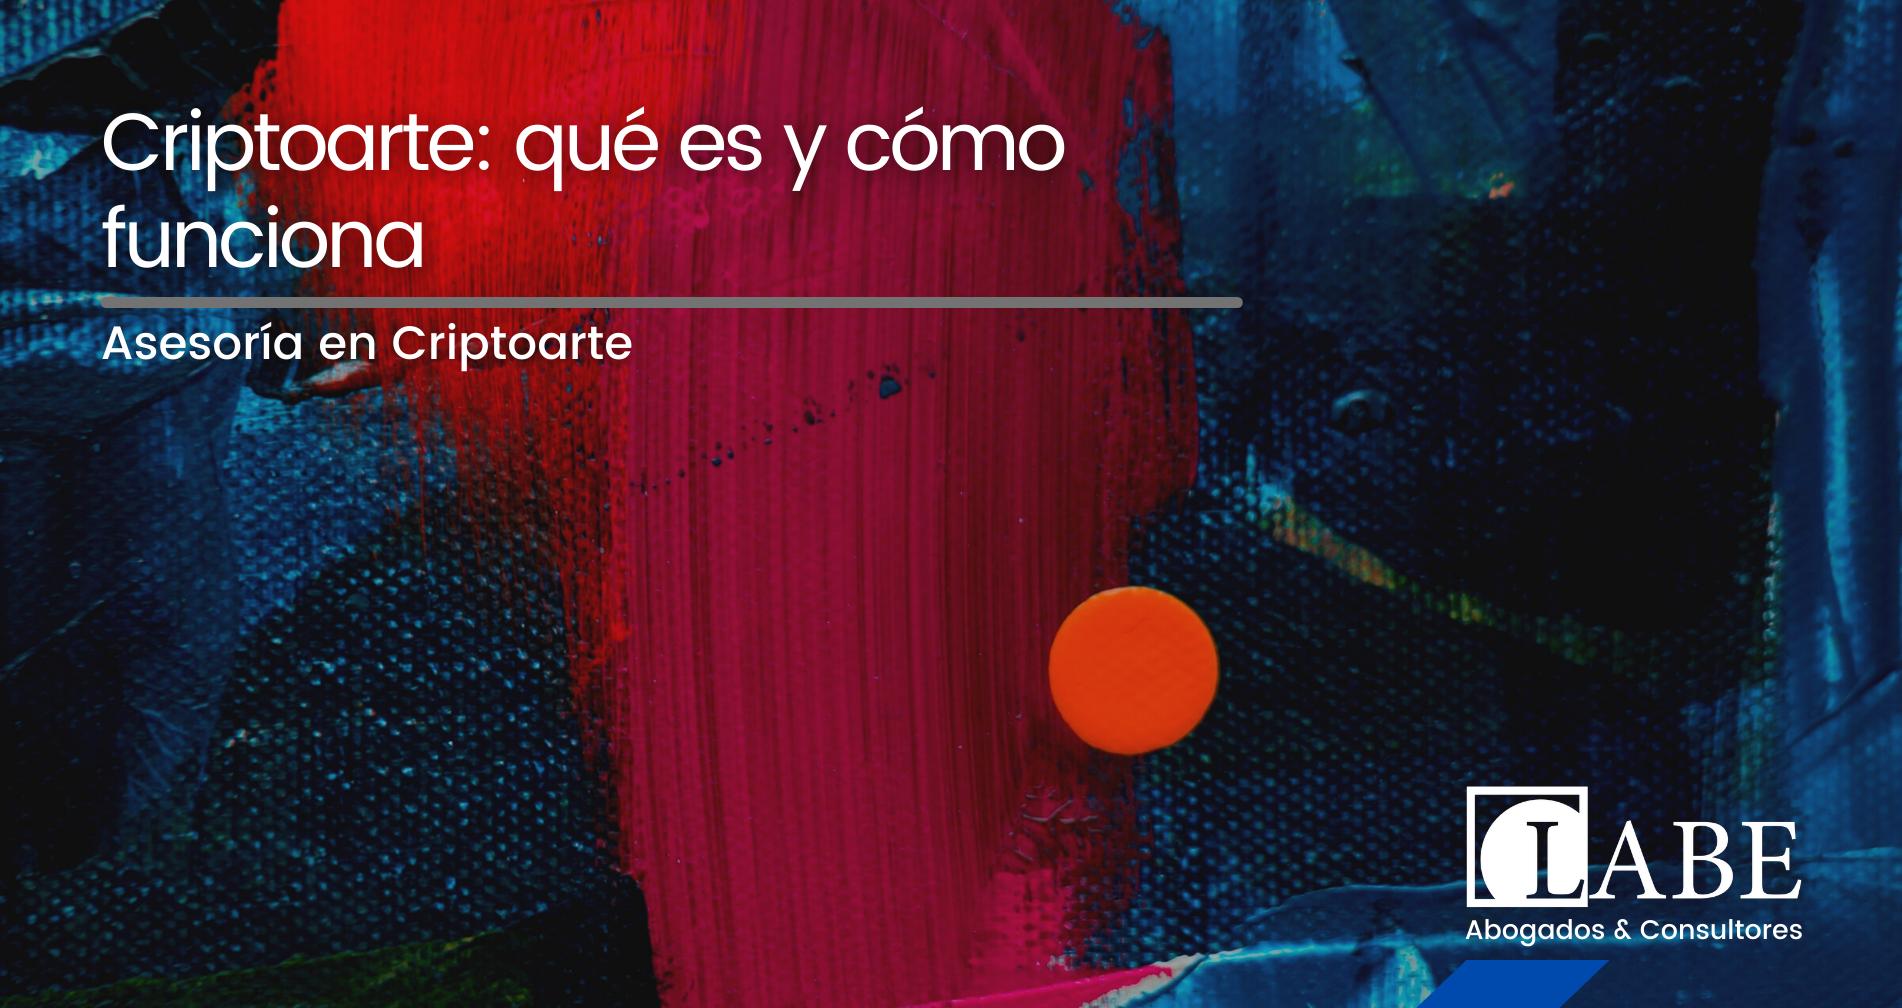 Criptoarte -Labe Abogados